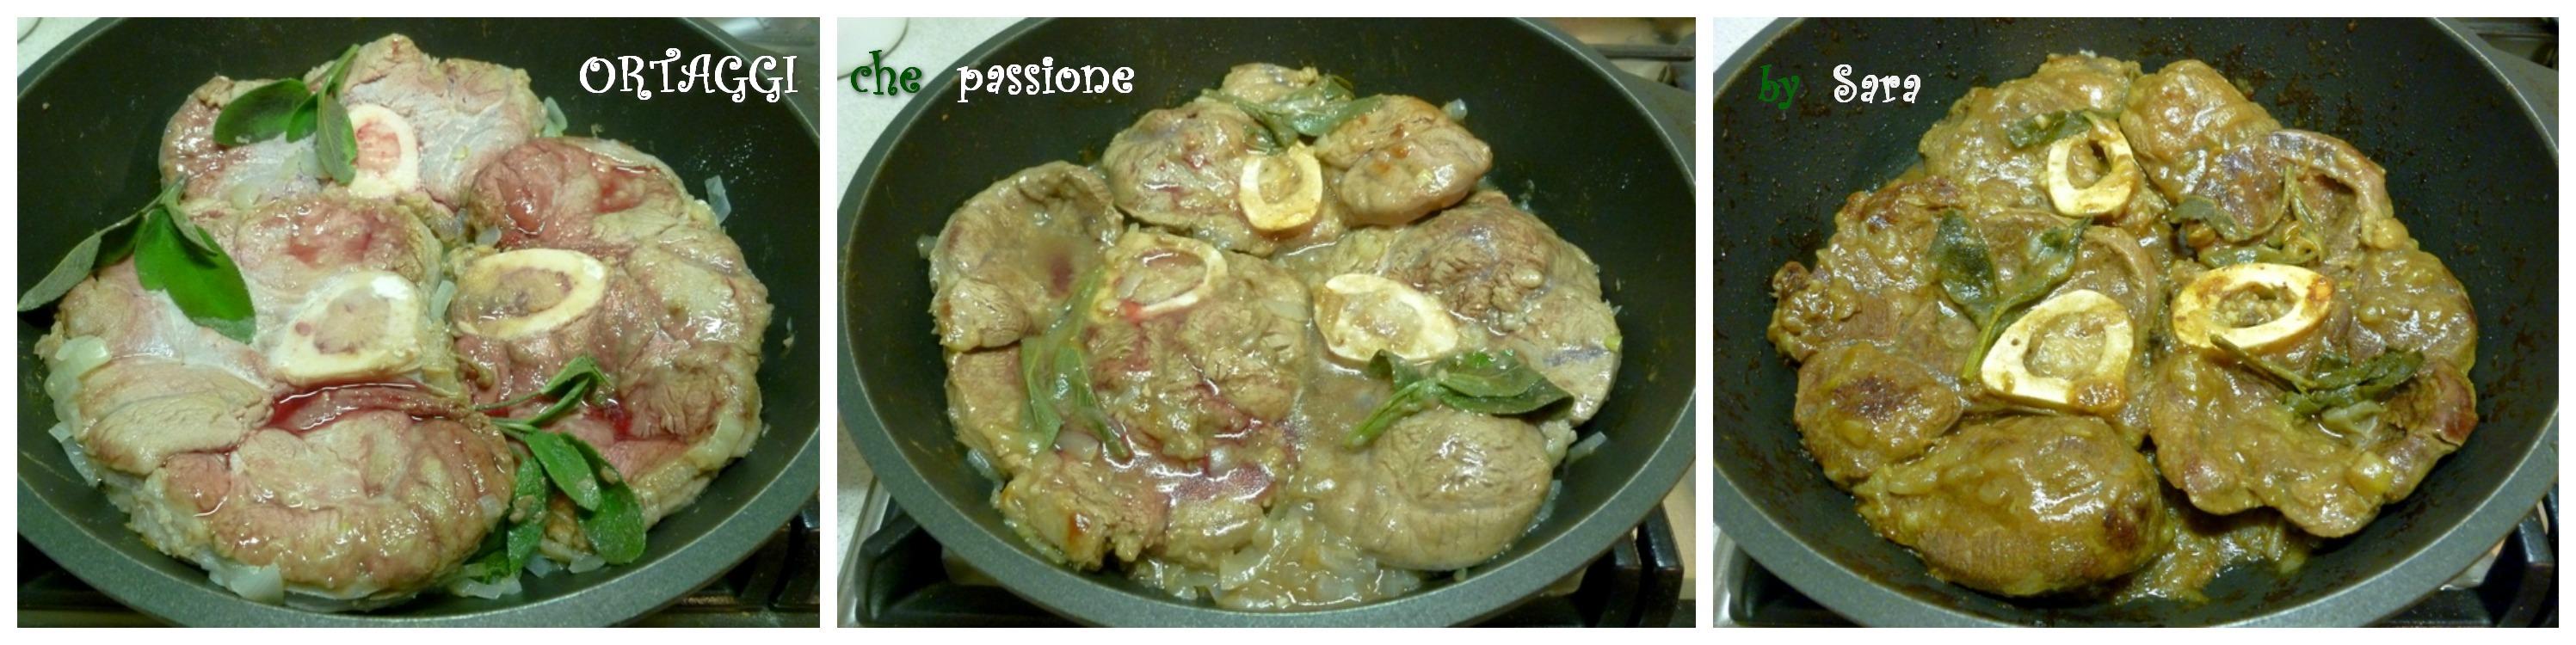 ossibuchi di manzo, senza grassi aggiunti | ortaggi che passione - Come Cucinare Gli Ossibuchi Di Manzo